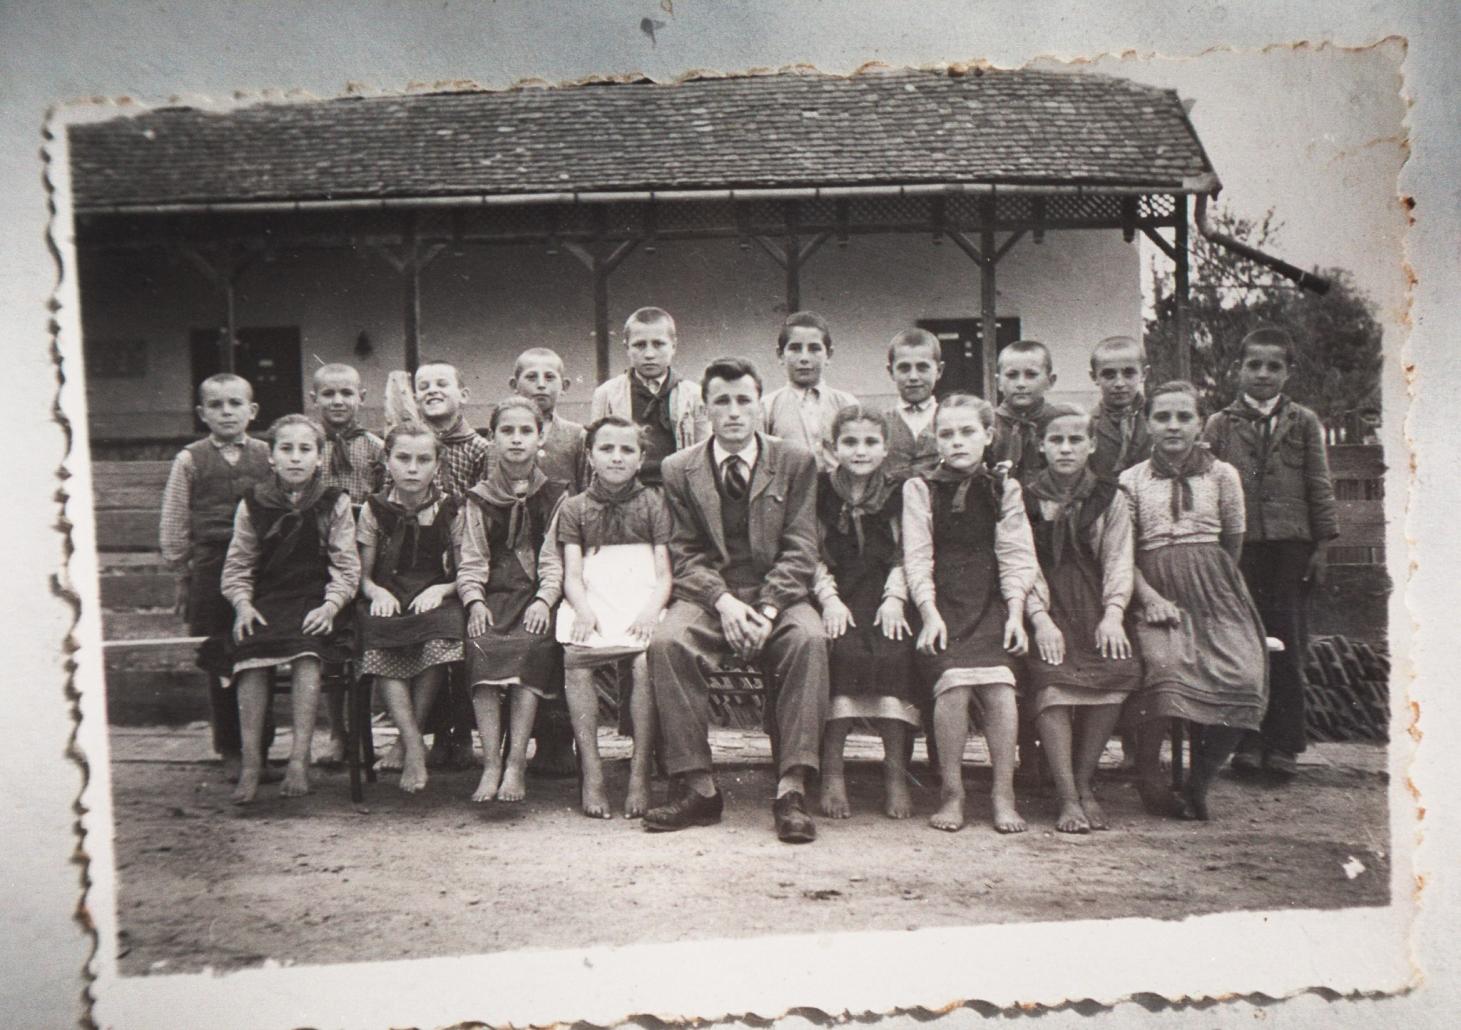 Invățatorul și elevii la școală din trecut